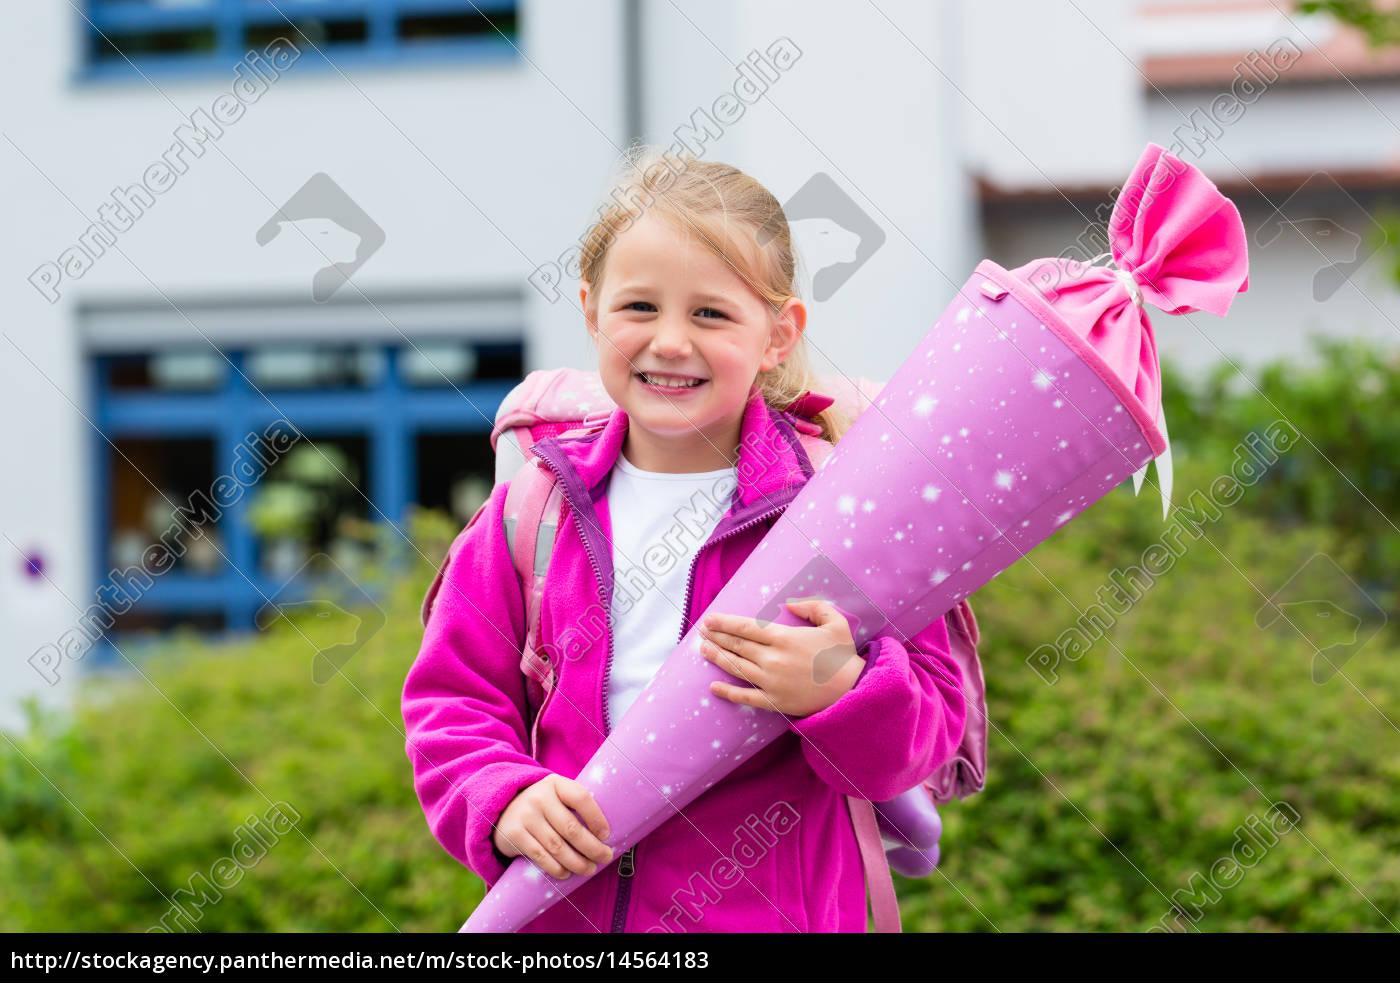 Schulkind am ersten Schultag mit Schultüte - Lizenzfreies Bild ...